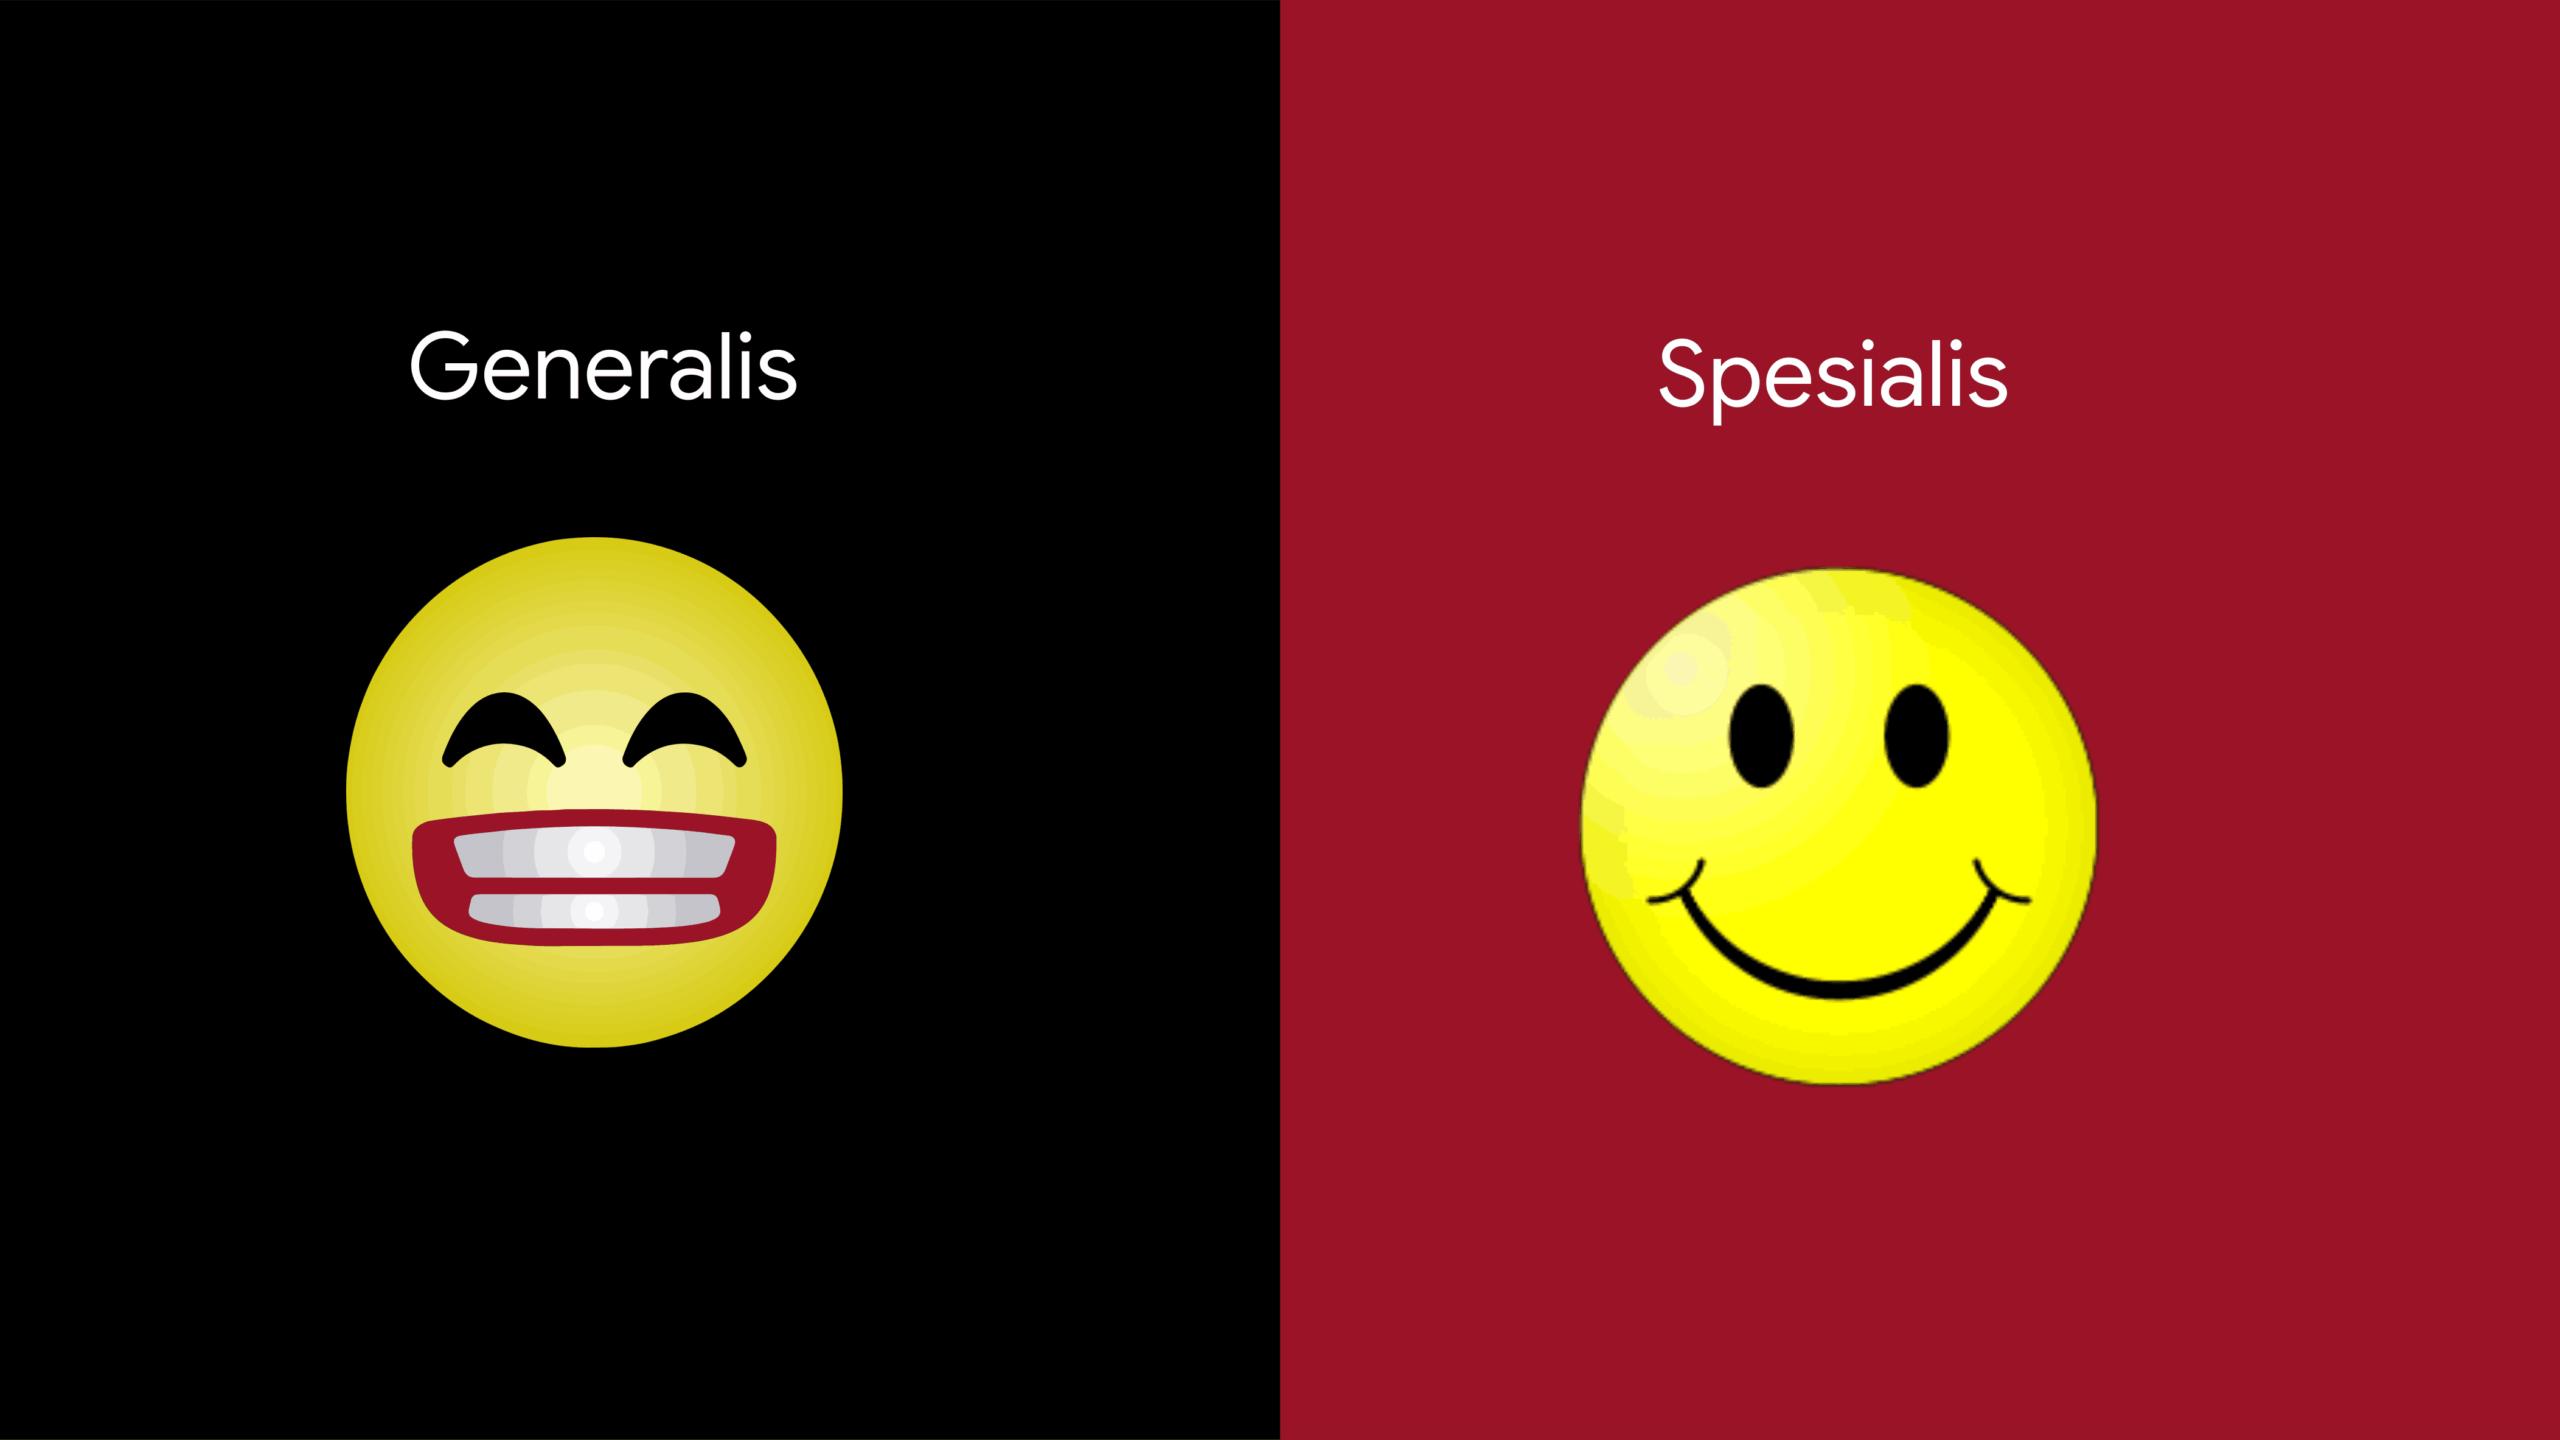 generalis dan spesialis